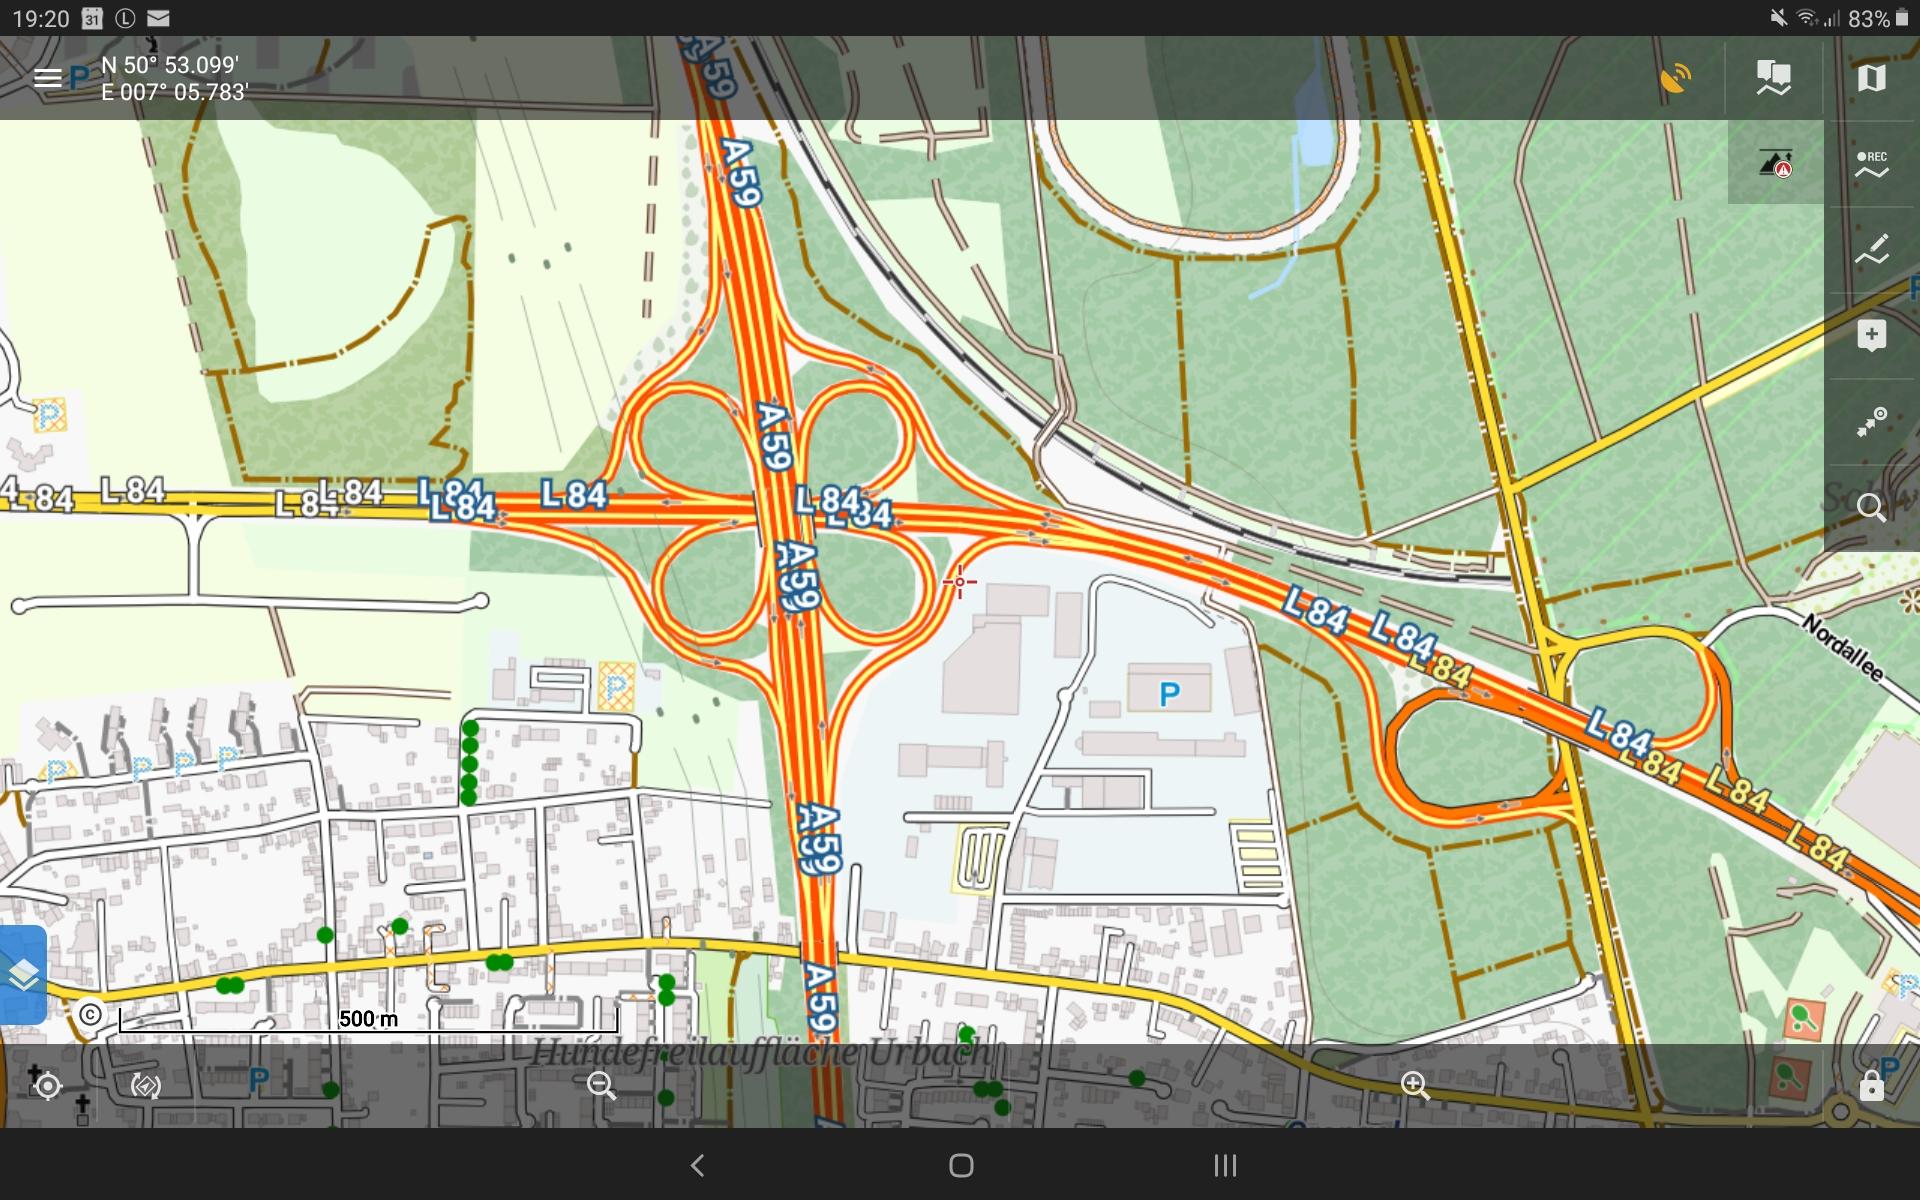 Offroad-Navigation - Der Ausschnitt als Vektorkarte.